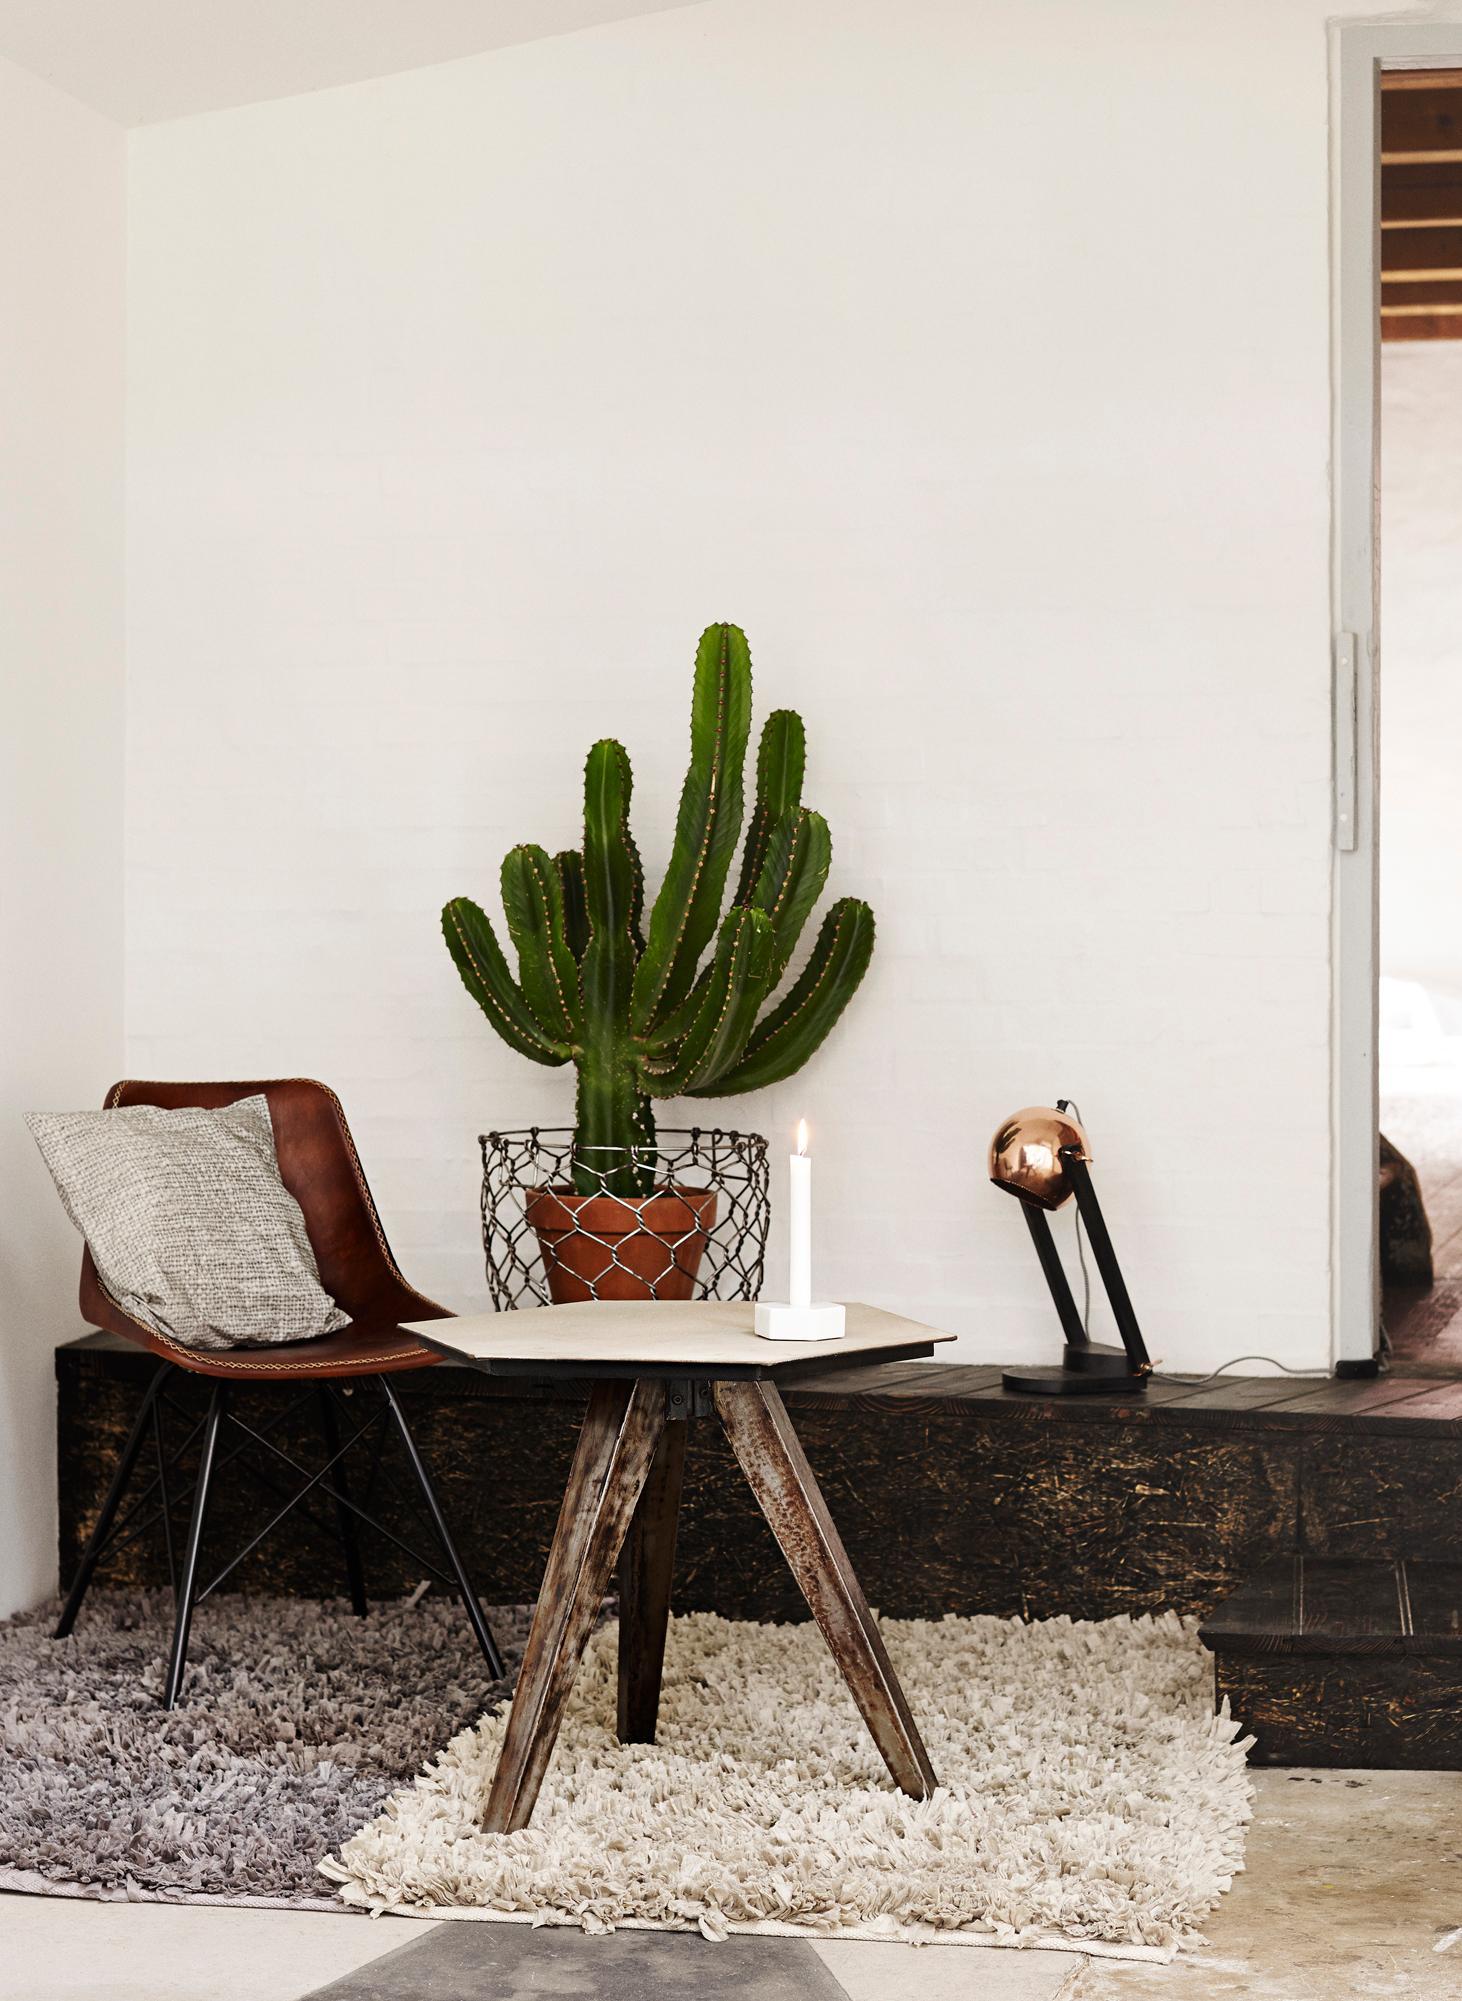 Full Size of Wohnzimmer Tischlampe Amazon Dimmbar Lampe Holz Ikea Led Ebay Modern Designer Tischlampen Steinboden Mit Teppichen Aufwerten Stuhl Beistellt Schrank Wohnzimmer Wohnzimmer Tischlampe